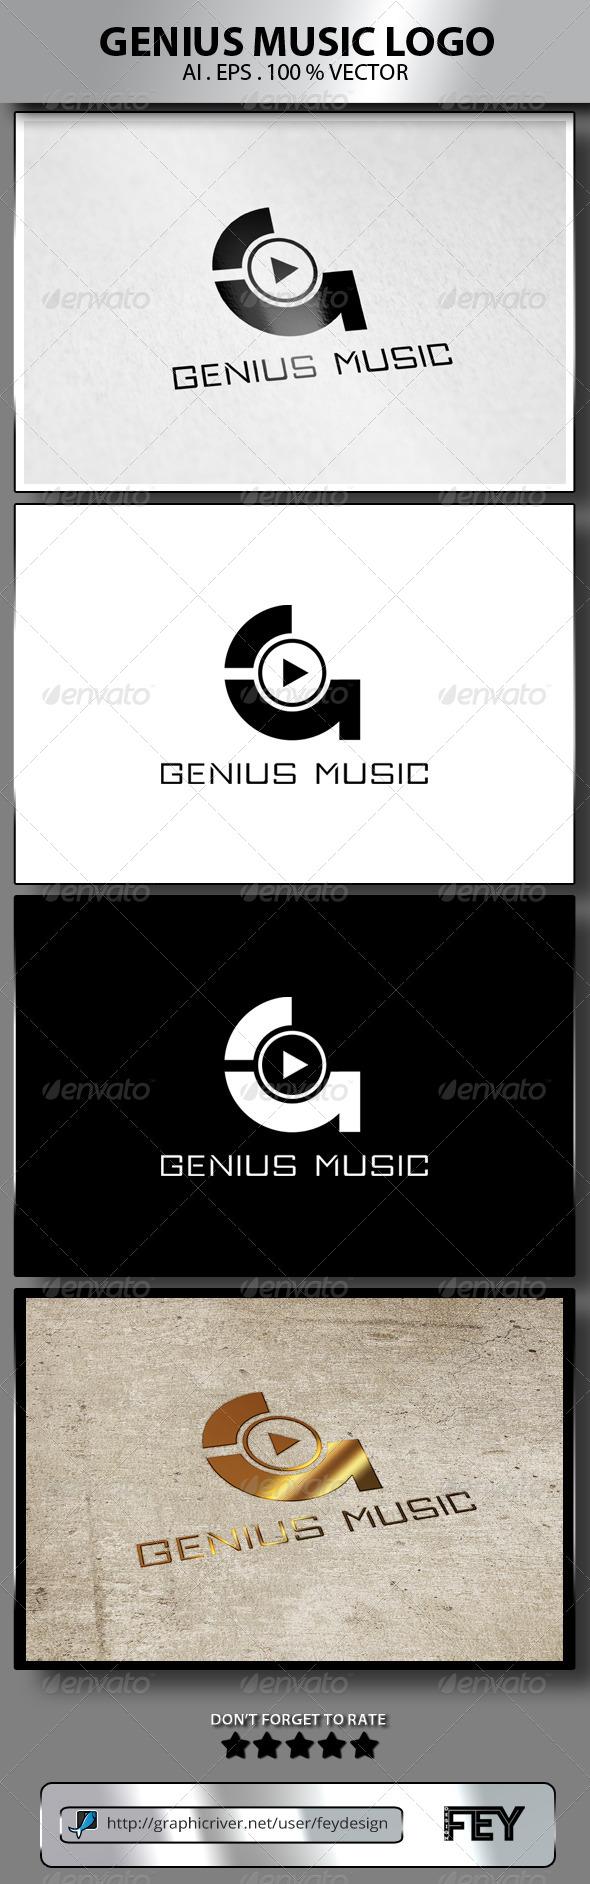 Genius Music Logo